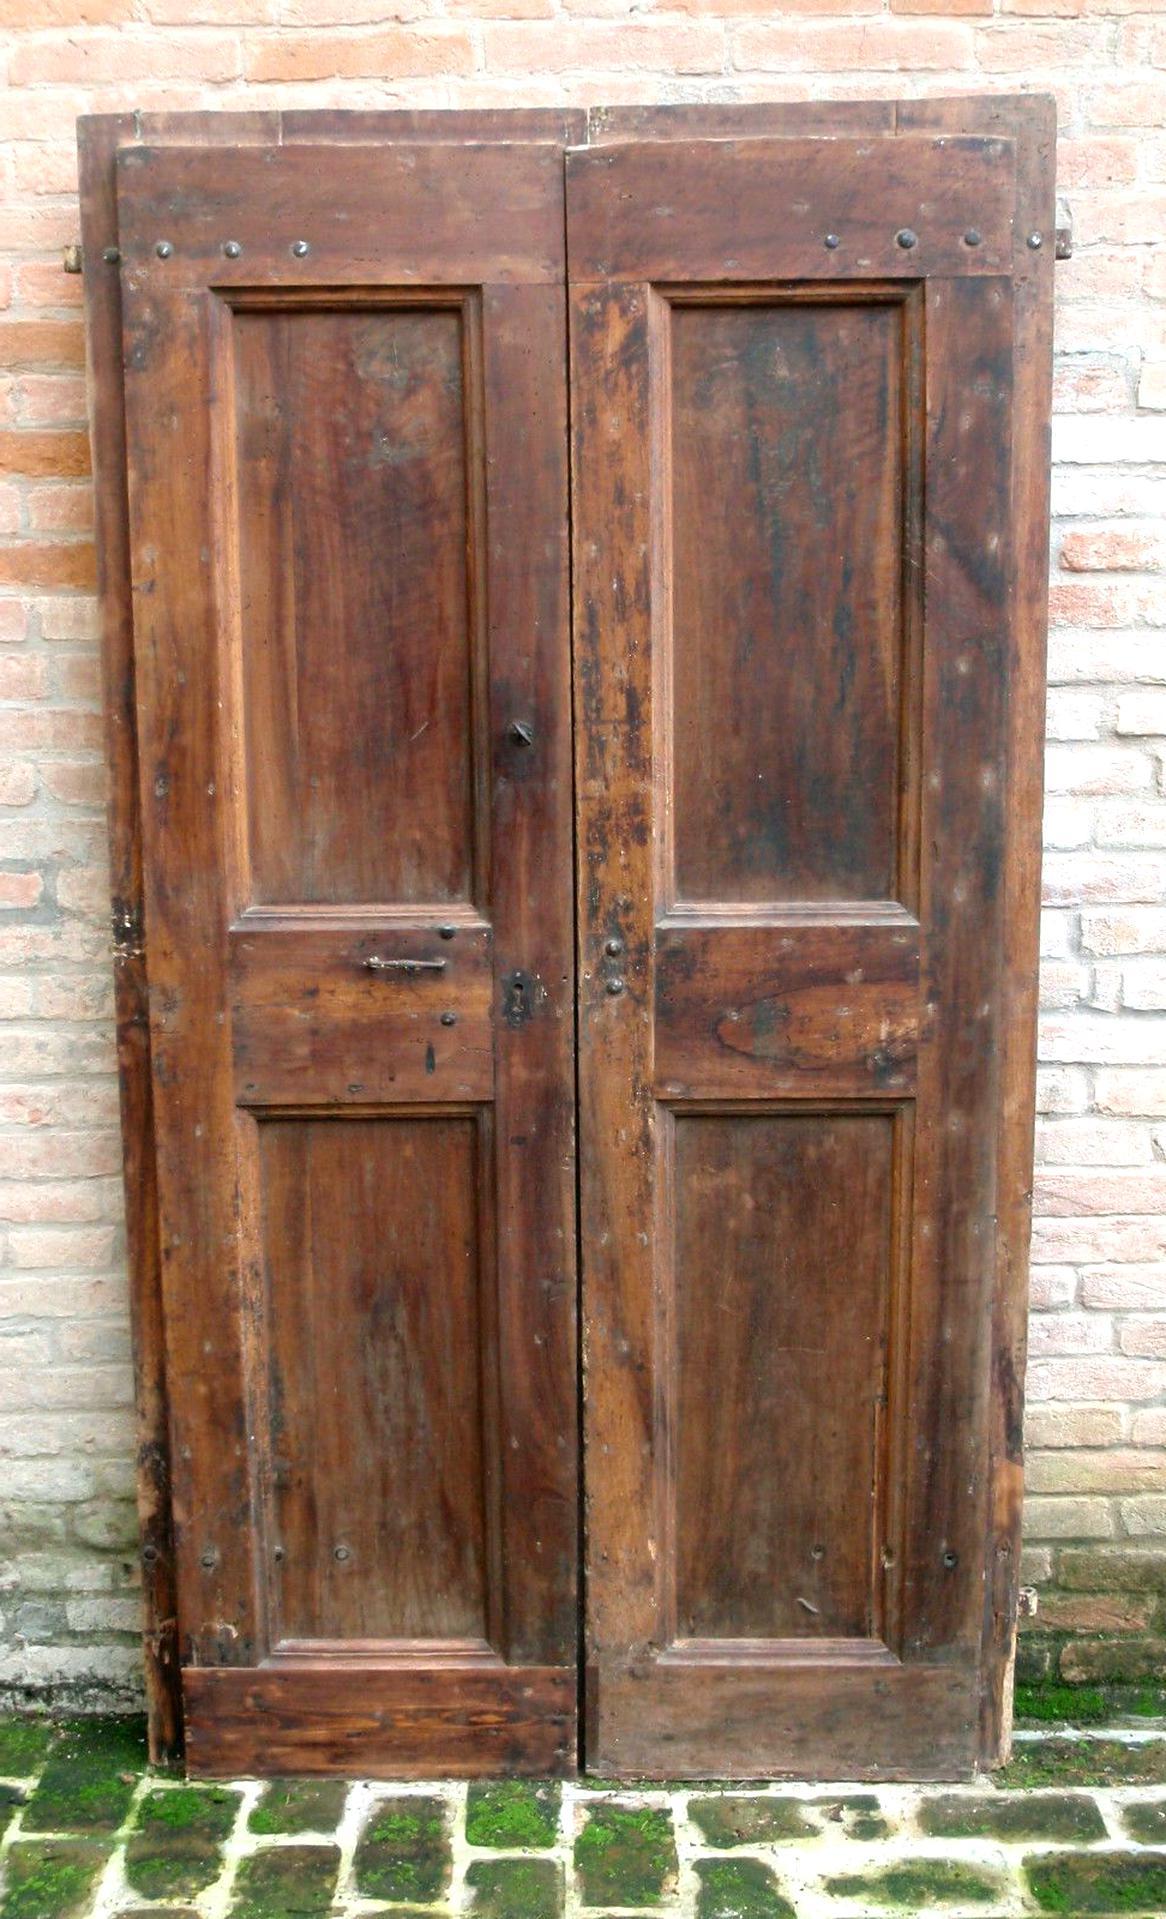 Foto Di Porte Antiche fixkit 6ft (183.0cm) binario per porta scorrevole